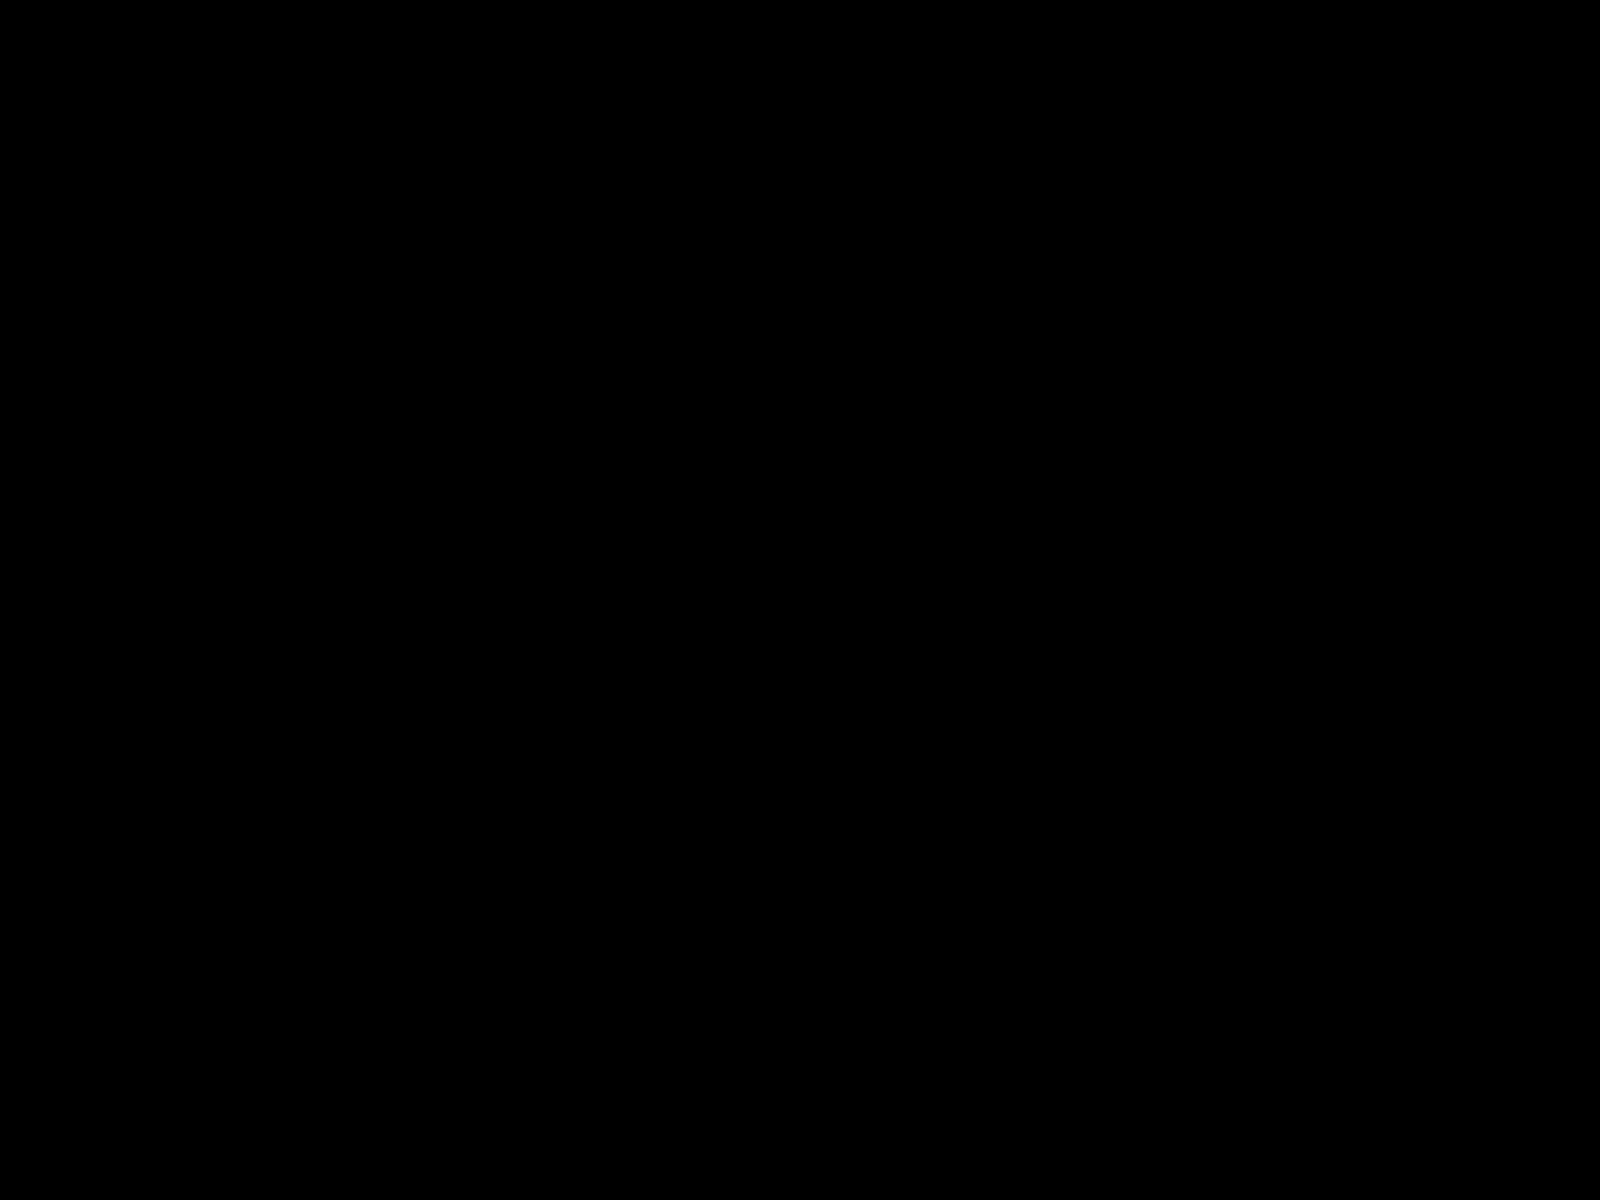 ORIGAMI wykończone materiałem Antica Signoria CHIC o efekcie piaskowym. Realizacja - firma remontowo-budowlana INTERIOR